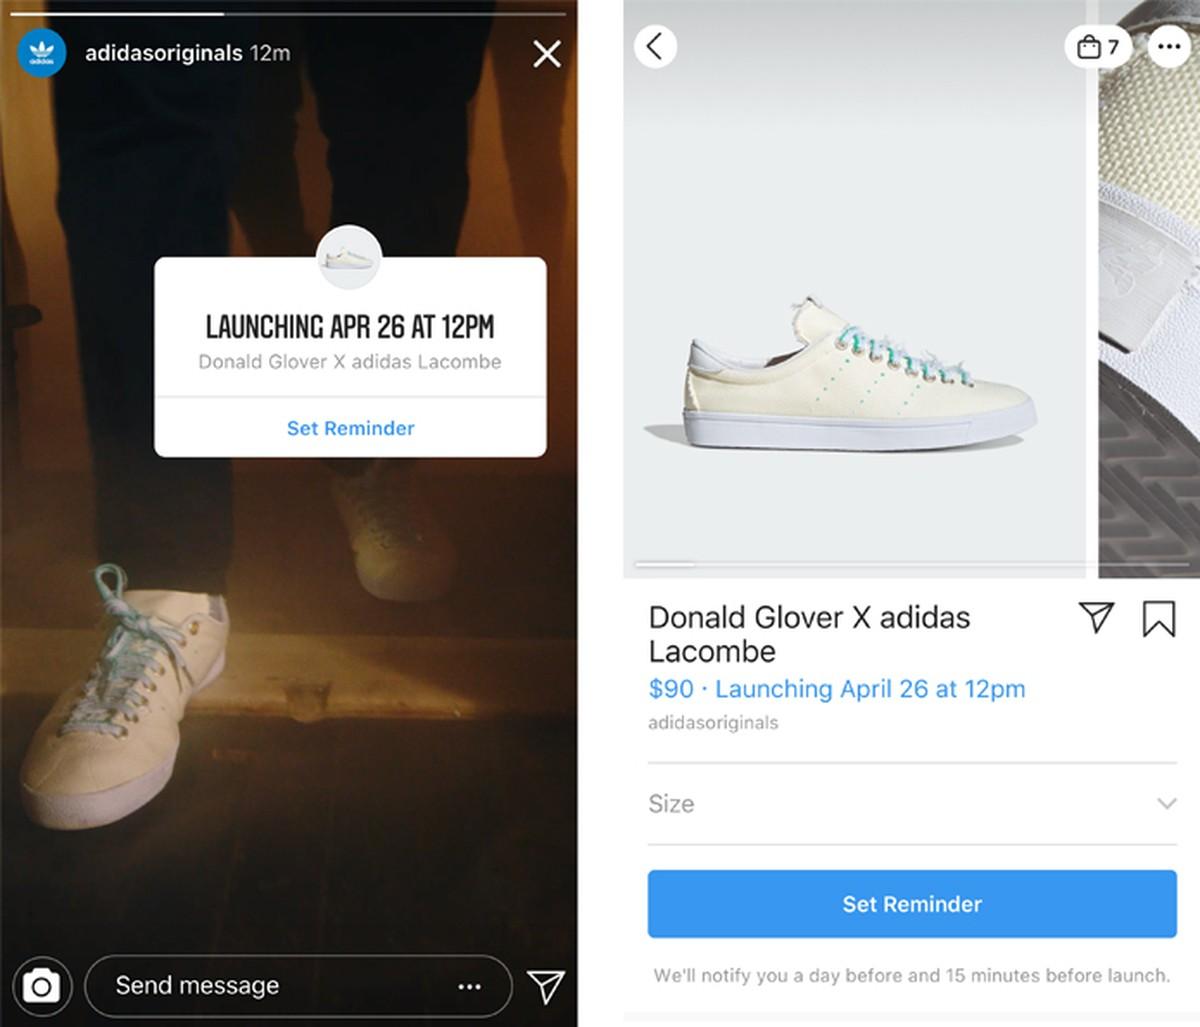 Instagram testib toodete müügiteatisi